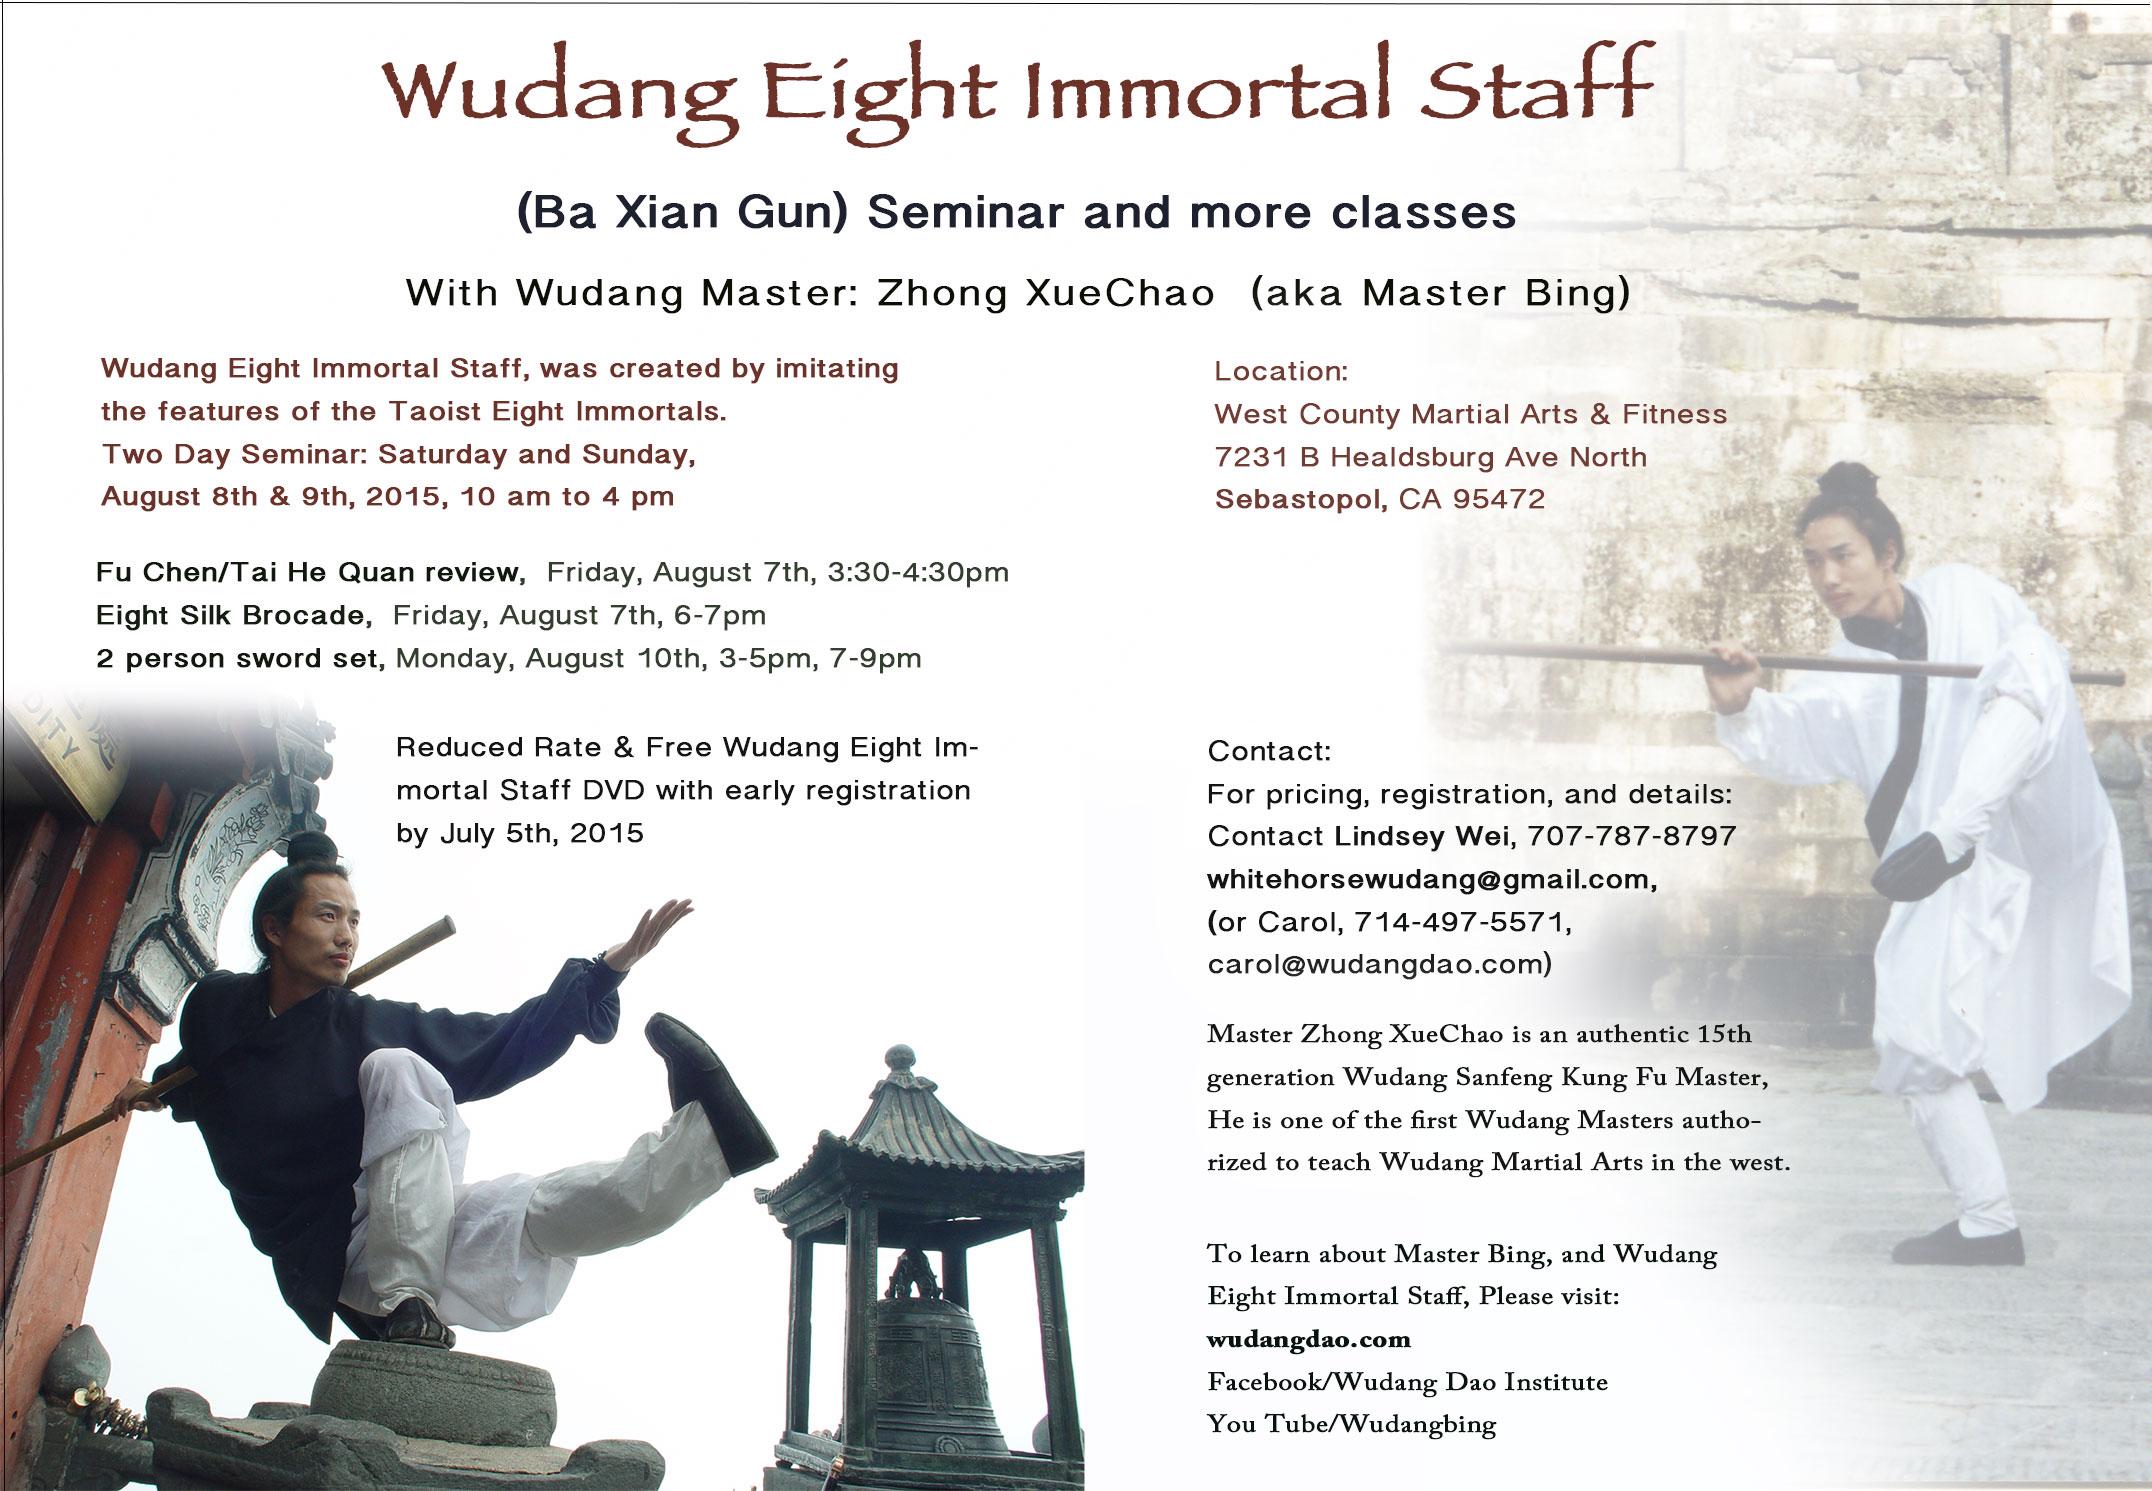 Wudang 8 Immortal Staff Seminar with Master Bing